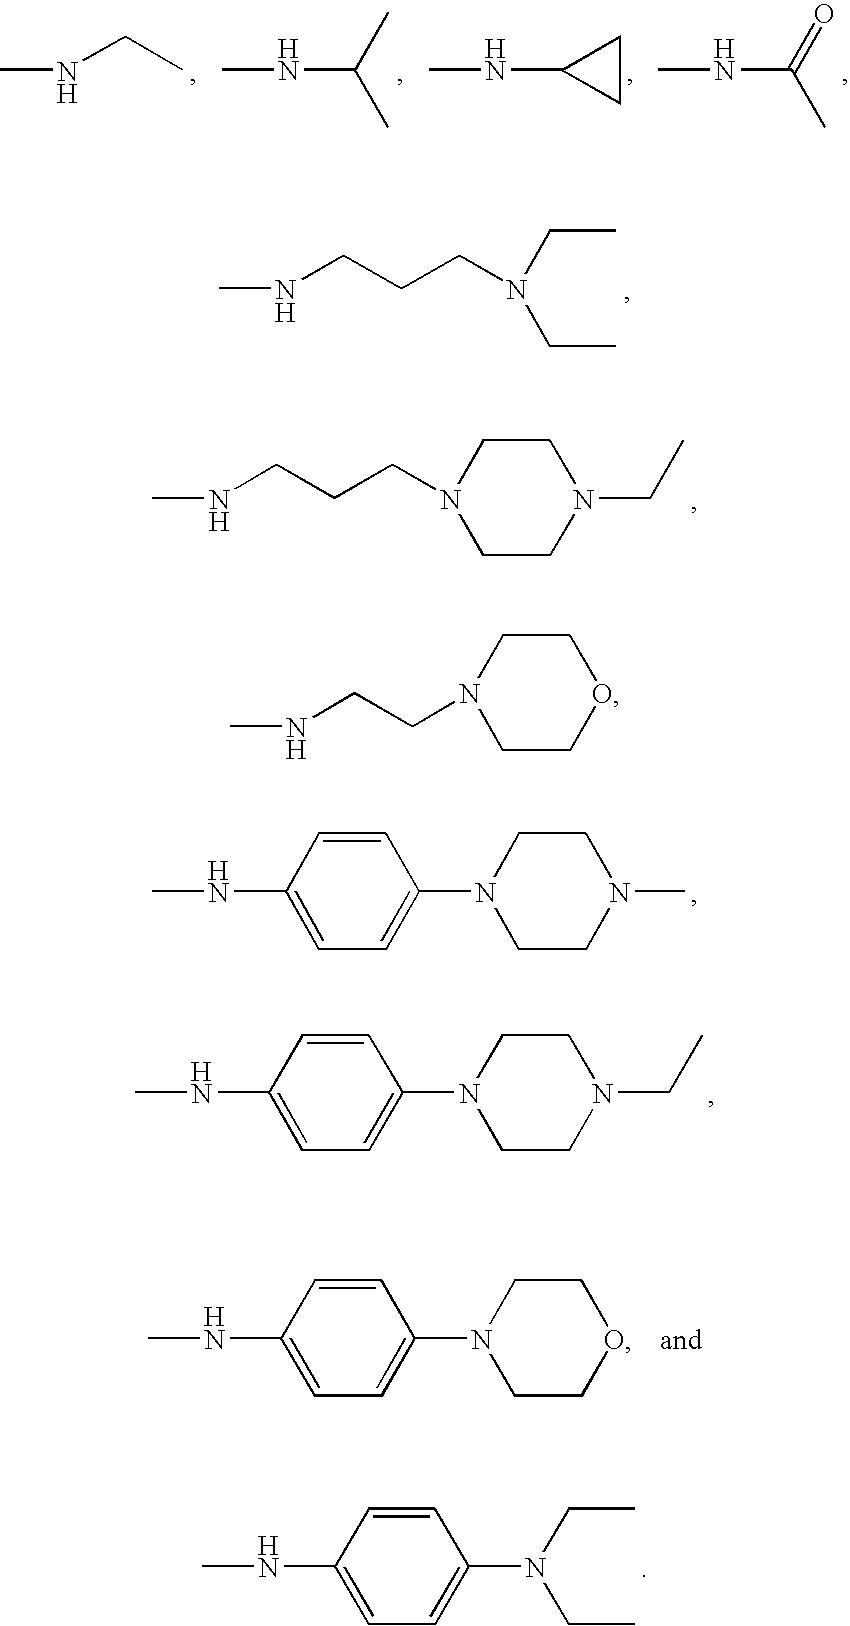 Figure US20090312321A1-20091217-C00002